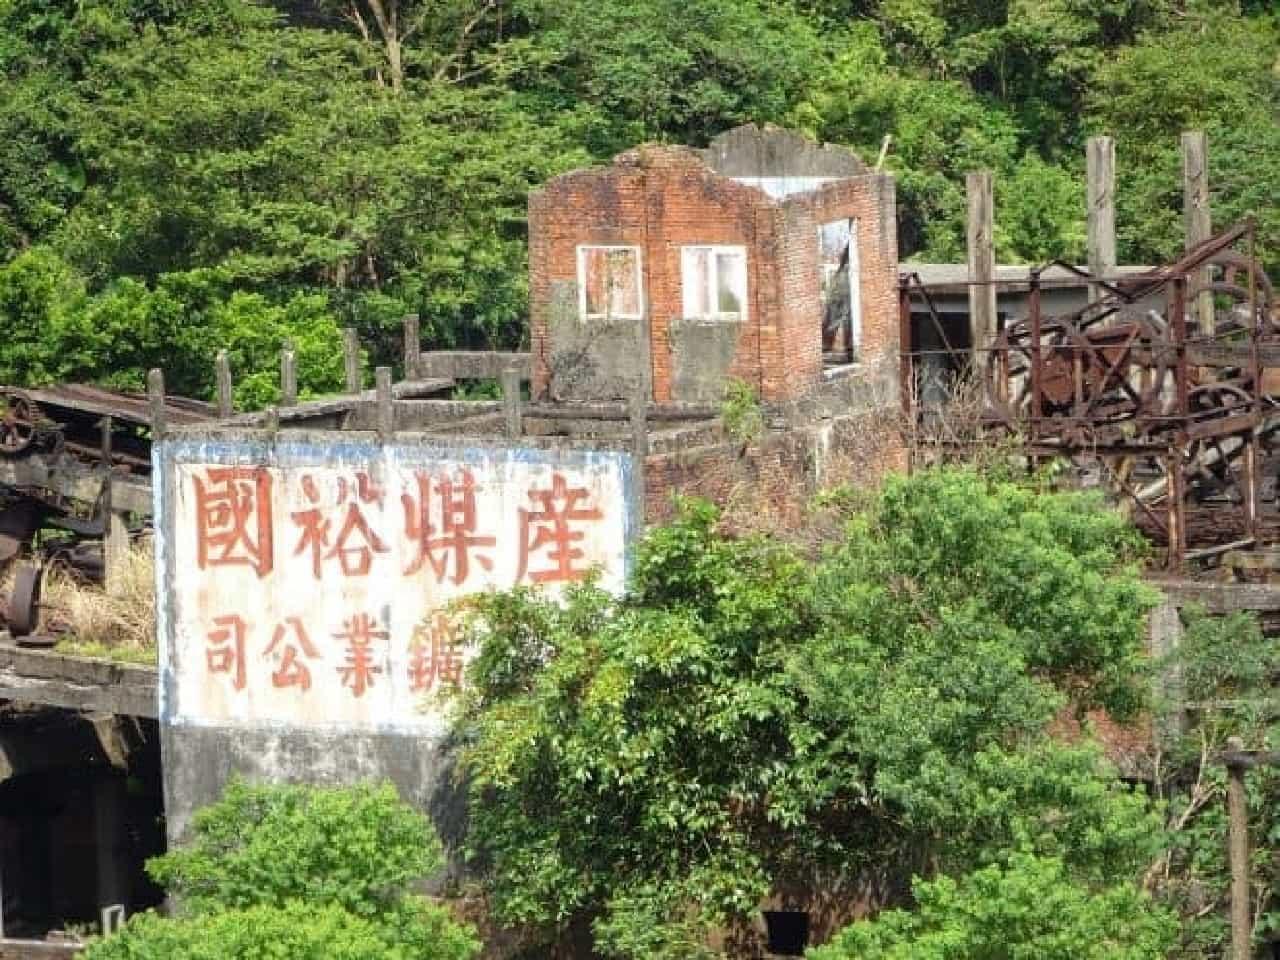 世界5大ネコスポット、台湾の猫村に「ネコザイル」の沖昌之さんと行くツアー